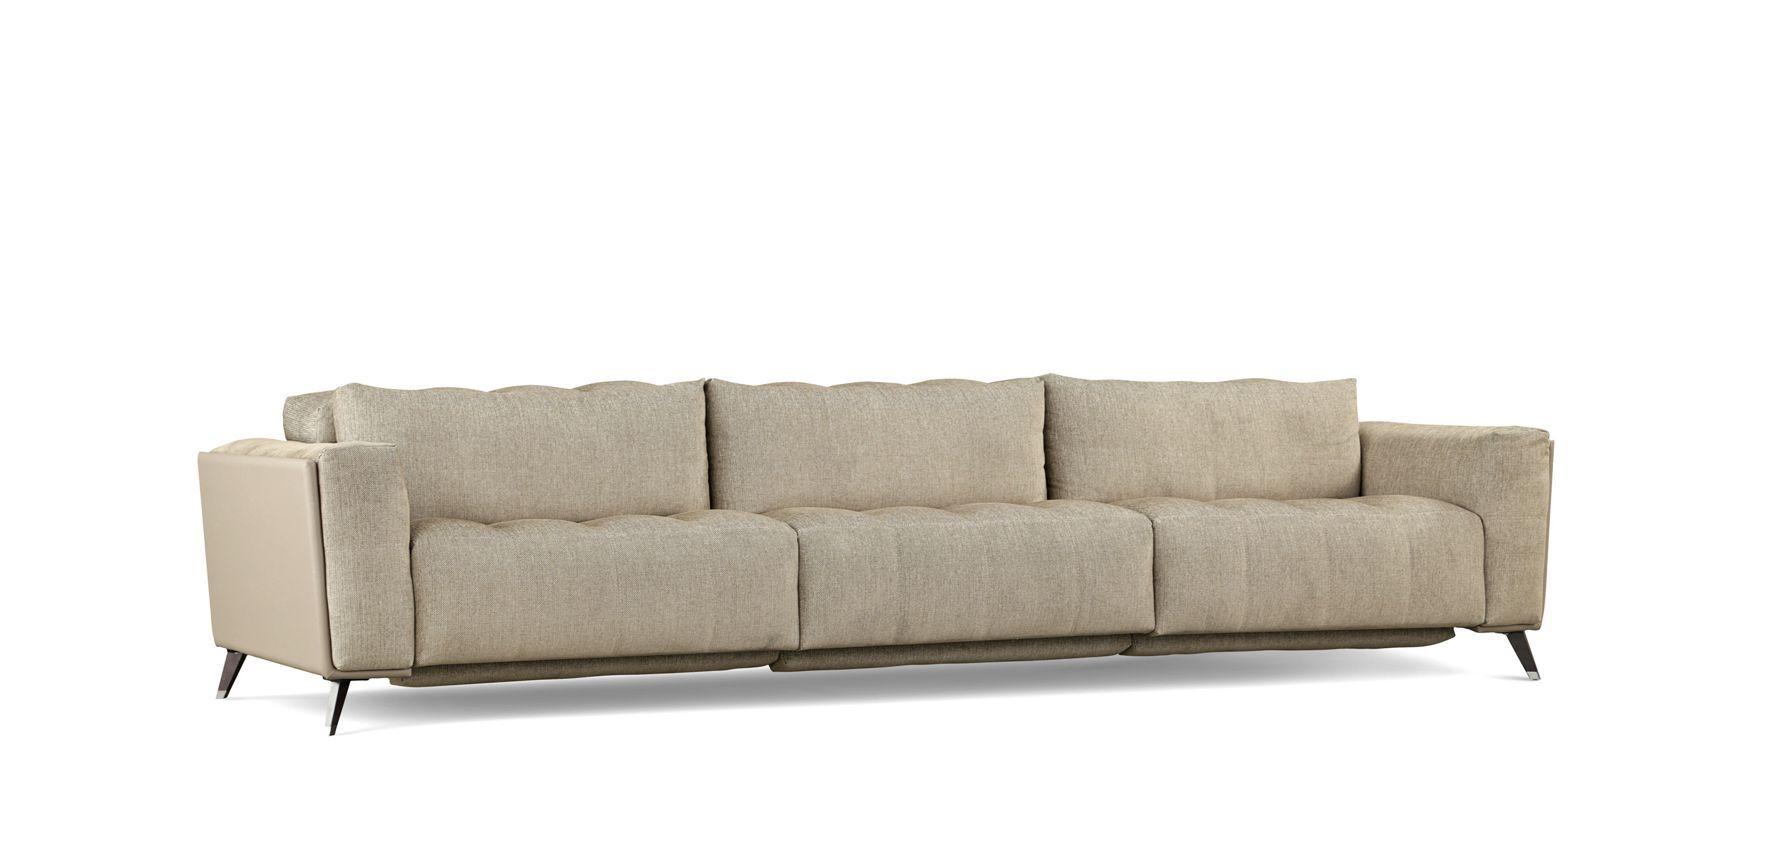 Confidence 5 Seat Sofa New Collection Nouveaux Classiques